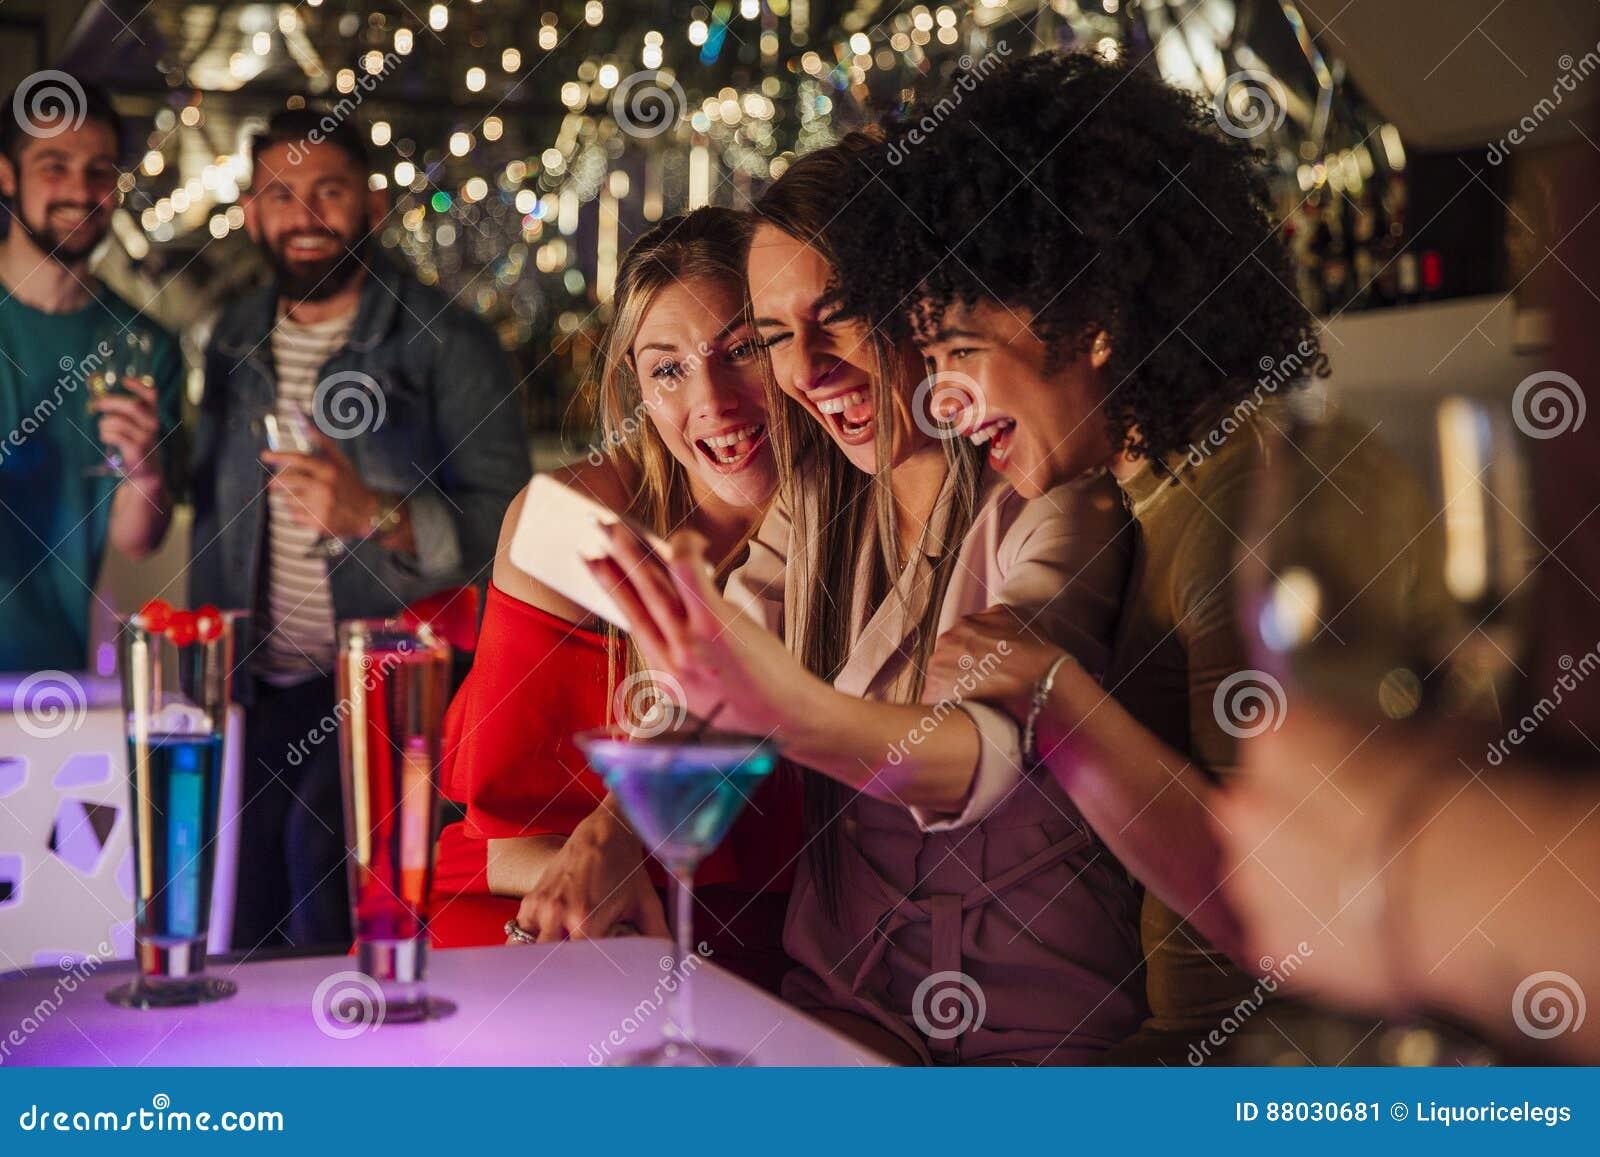 Nightclub Selfies